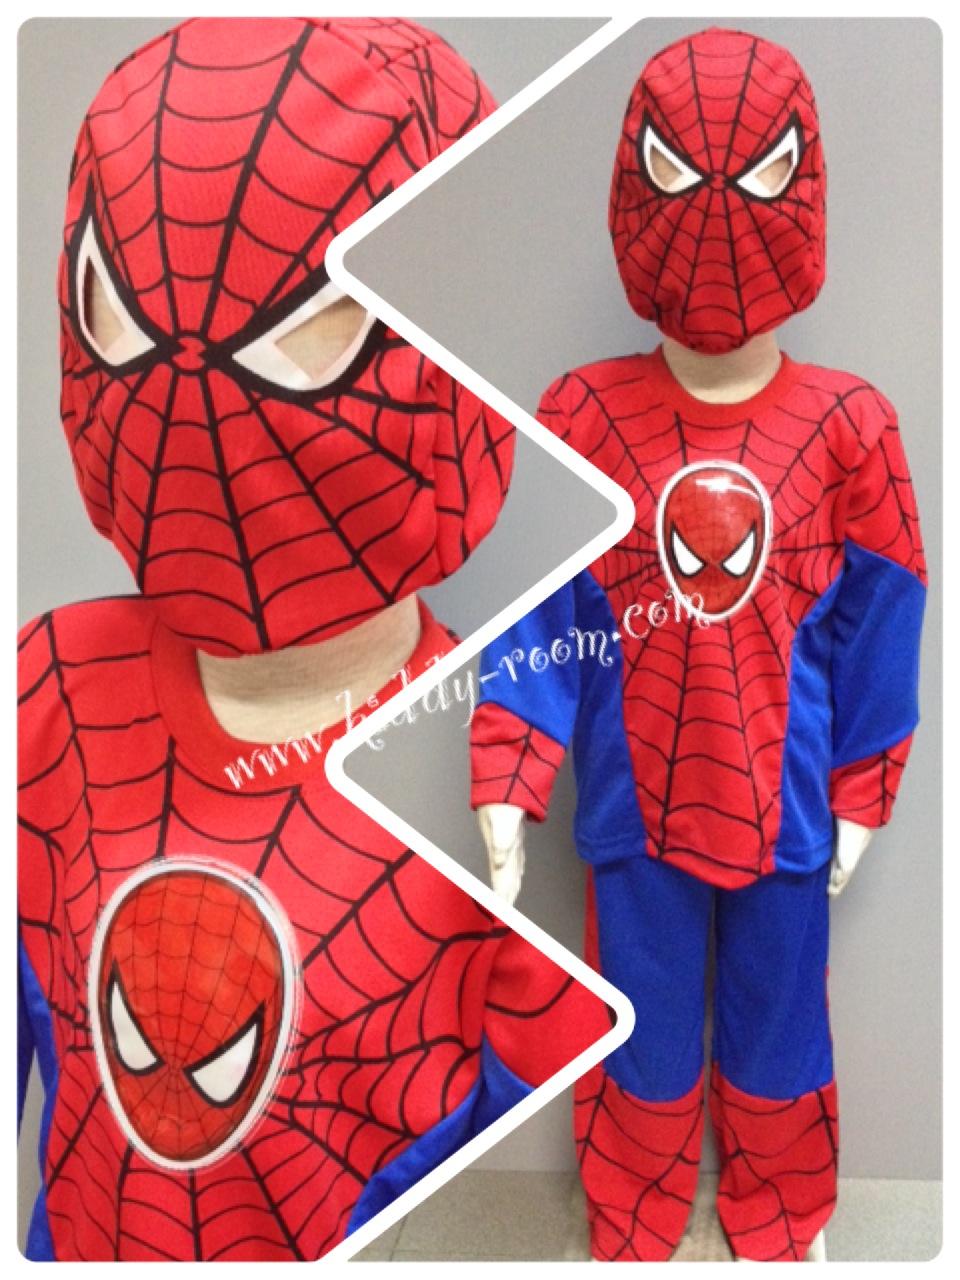 Spiderman (งานลิขสิทธิ์) ชุดแฟนซีเด็กสไปเดอร์แมน มีไฟ 3 ชิ้น เสื้อ กางเกง & หน้ากาก ให้คุณหนูๆ ได้ใส่ตามจิตนาการ ผ้ามัน Polyester ใส่สบายค่ะ หรือจะใส่เป็นชุดนอนก็ได้ค่ะ size S, M, L, XL